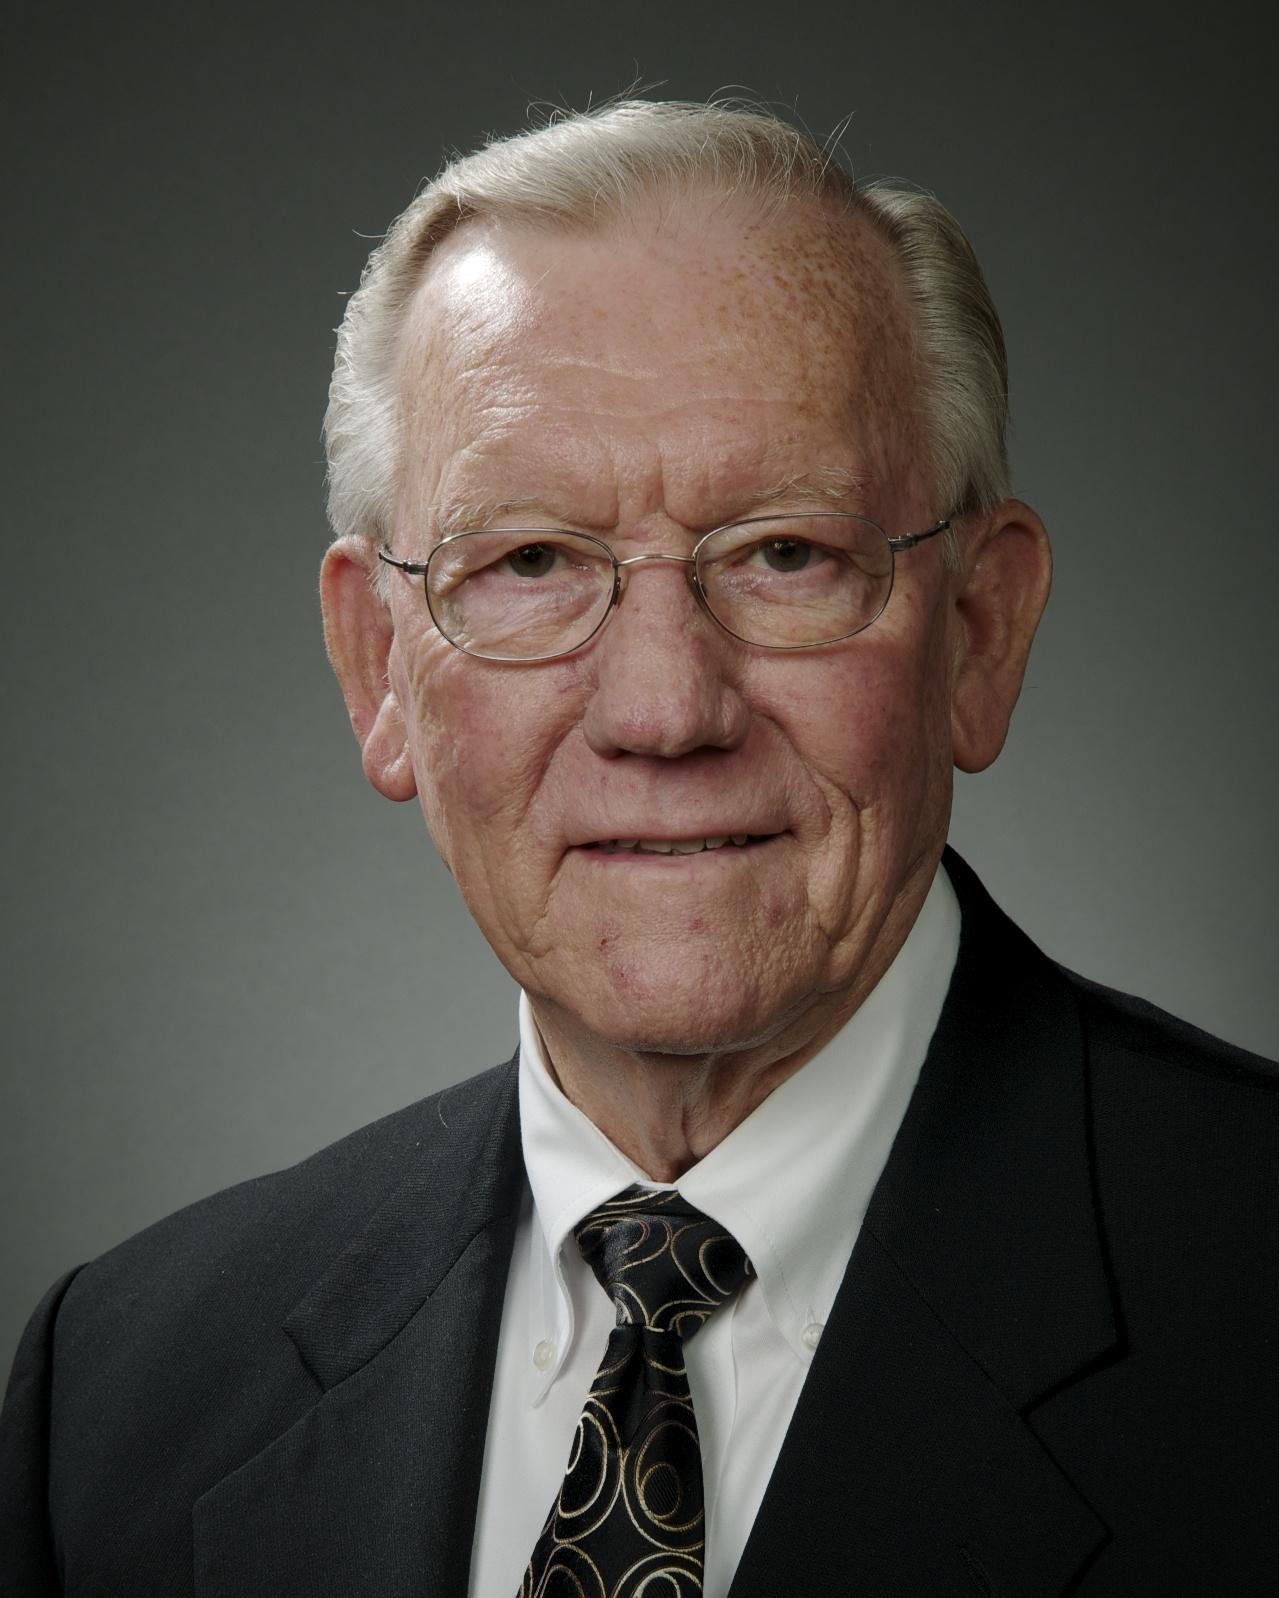 Peter-Jones